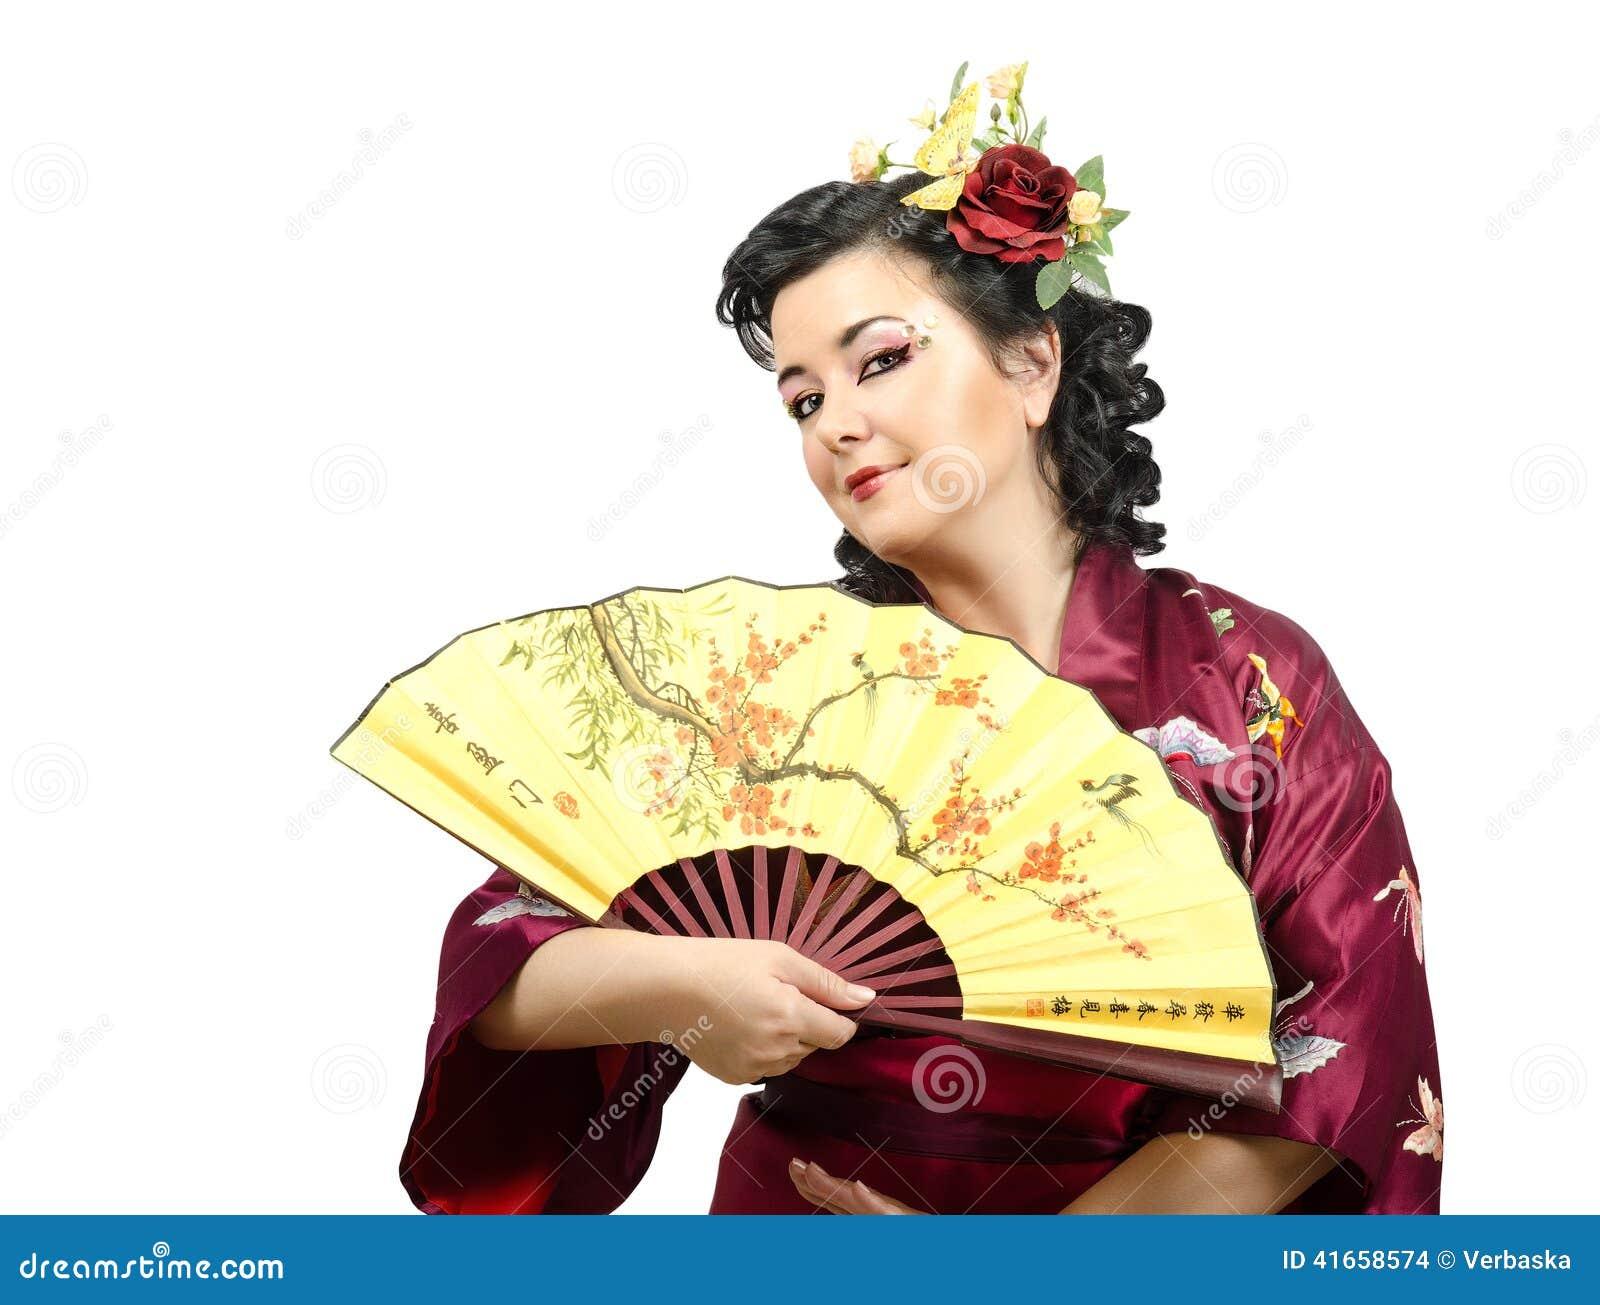 длинной с Полу портрет женщины кимоно цветков с волосами